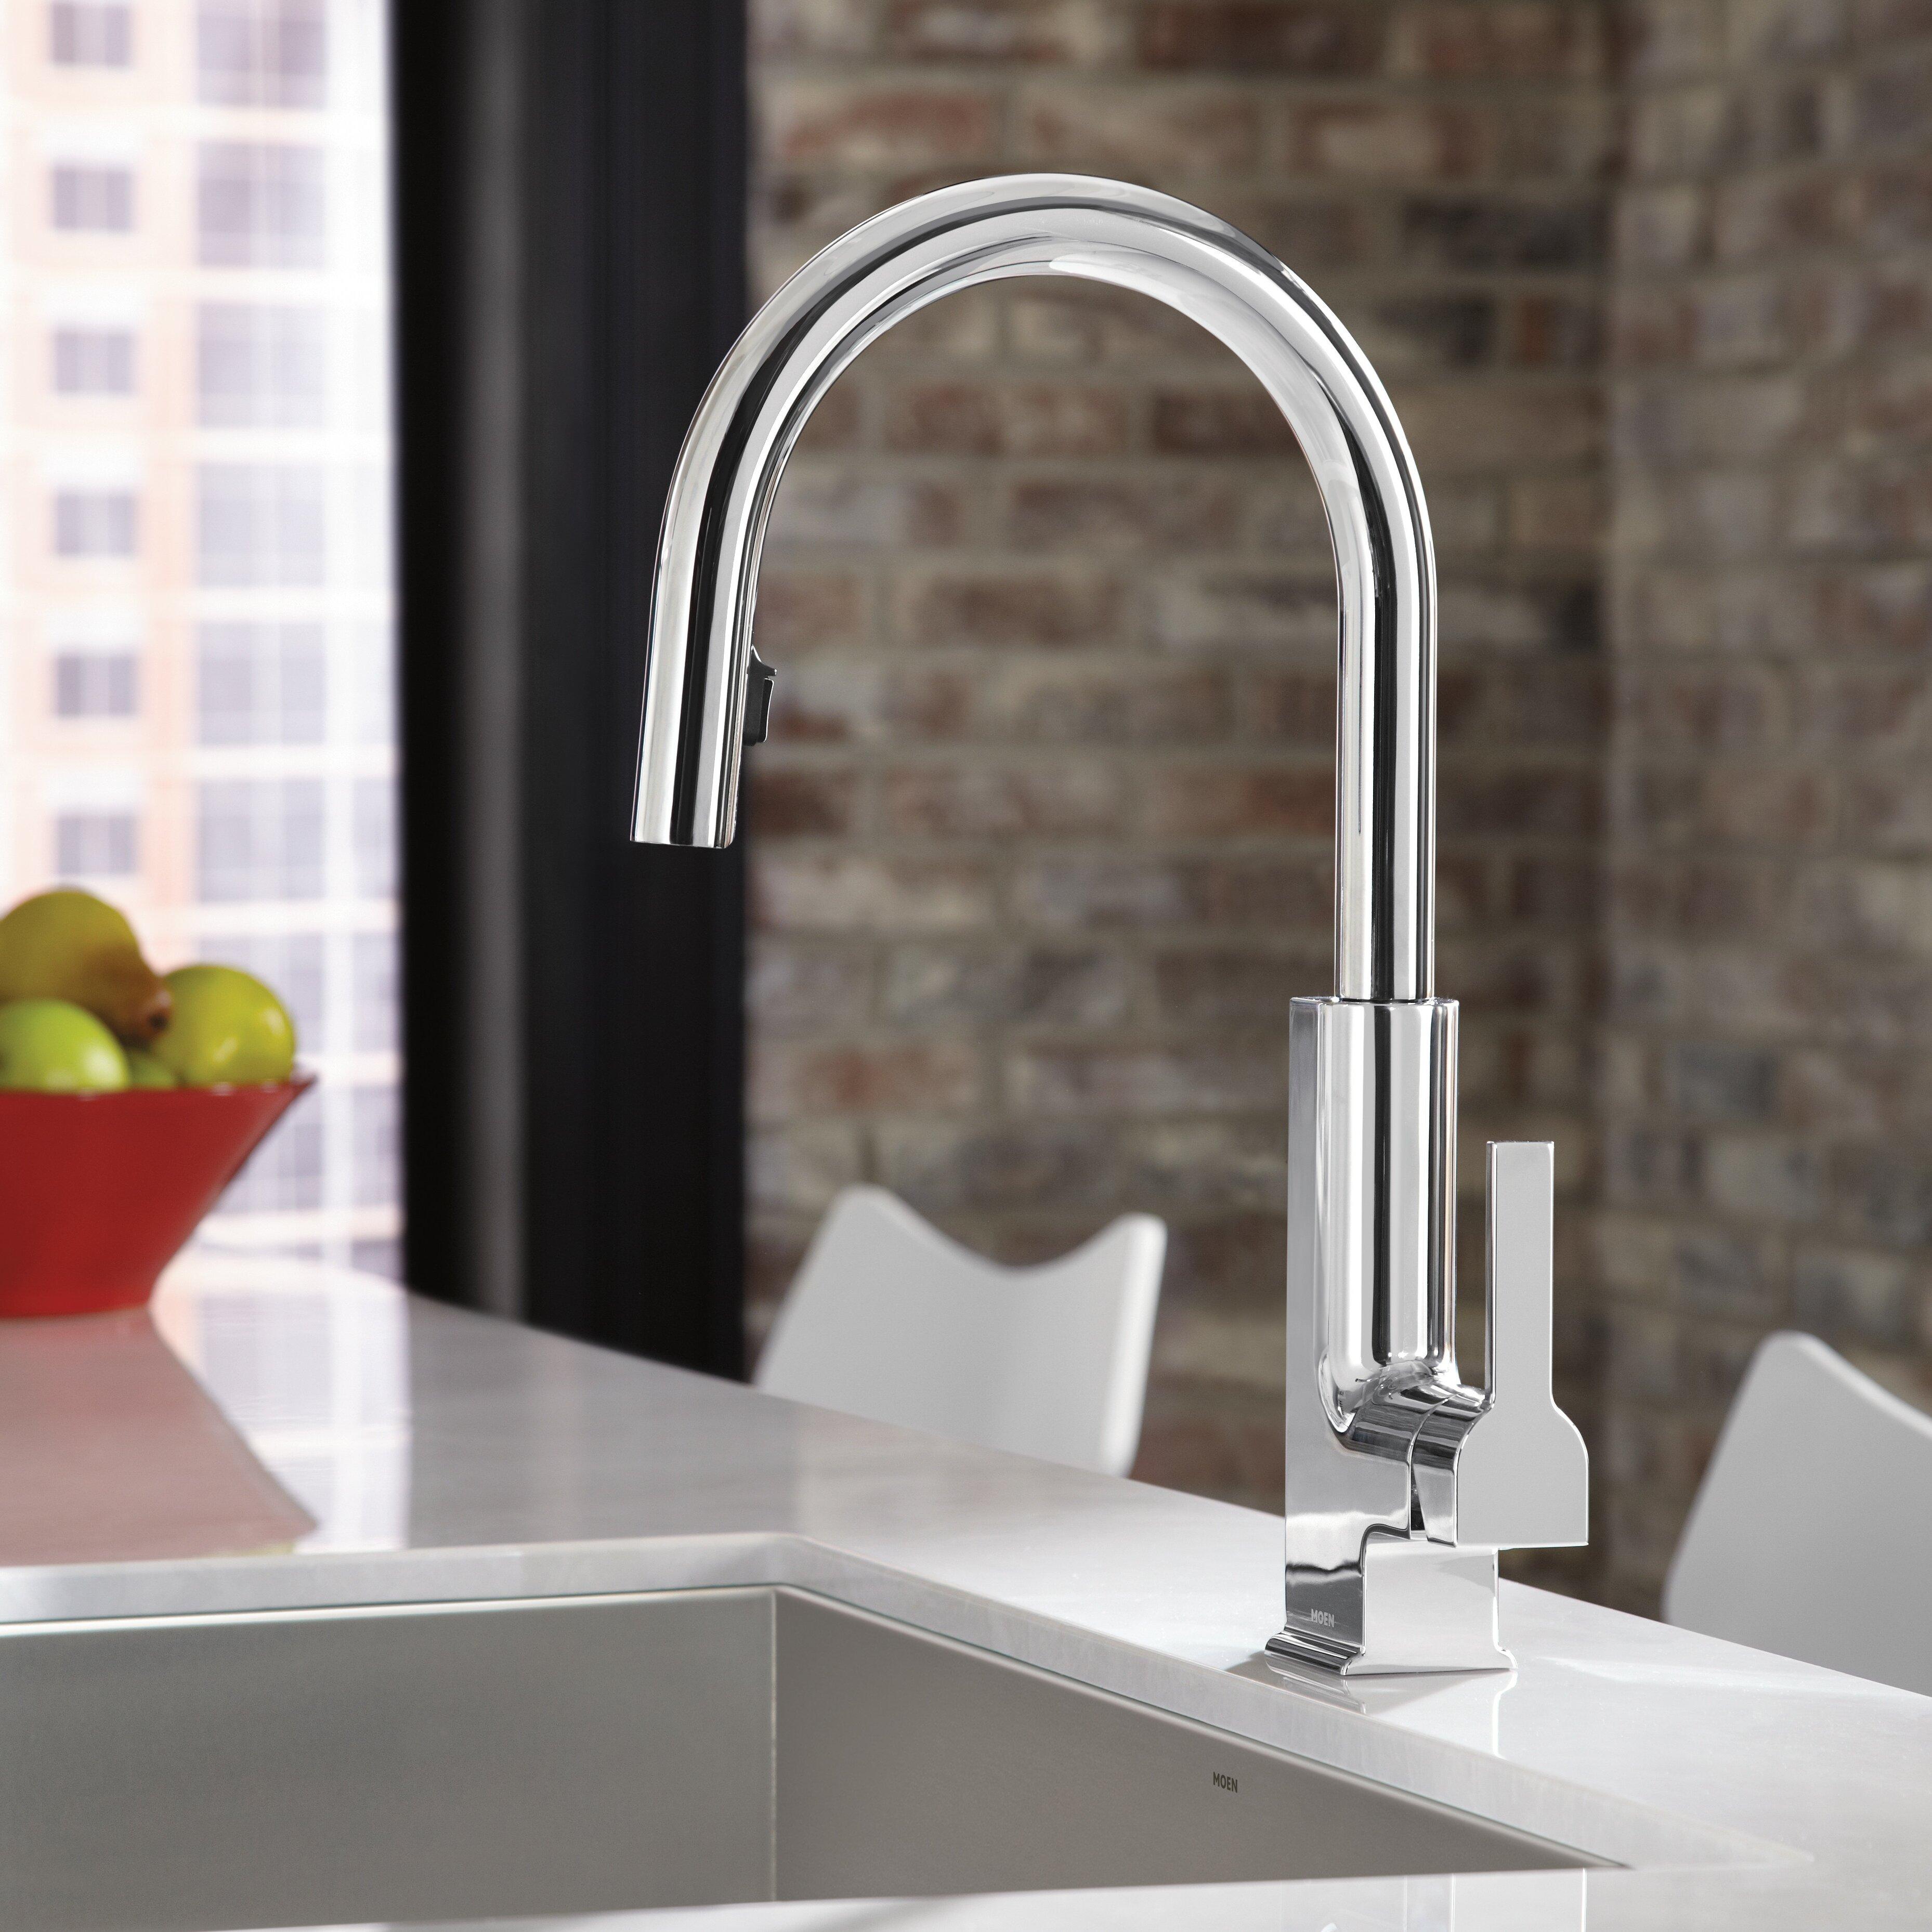 moen sto single handle deck mount kitchen faucet reviews